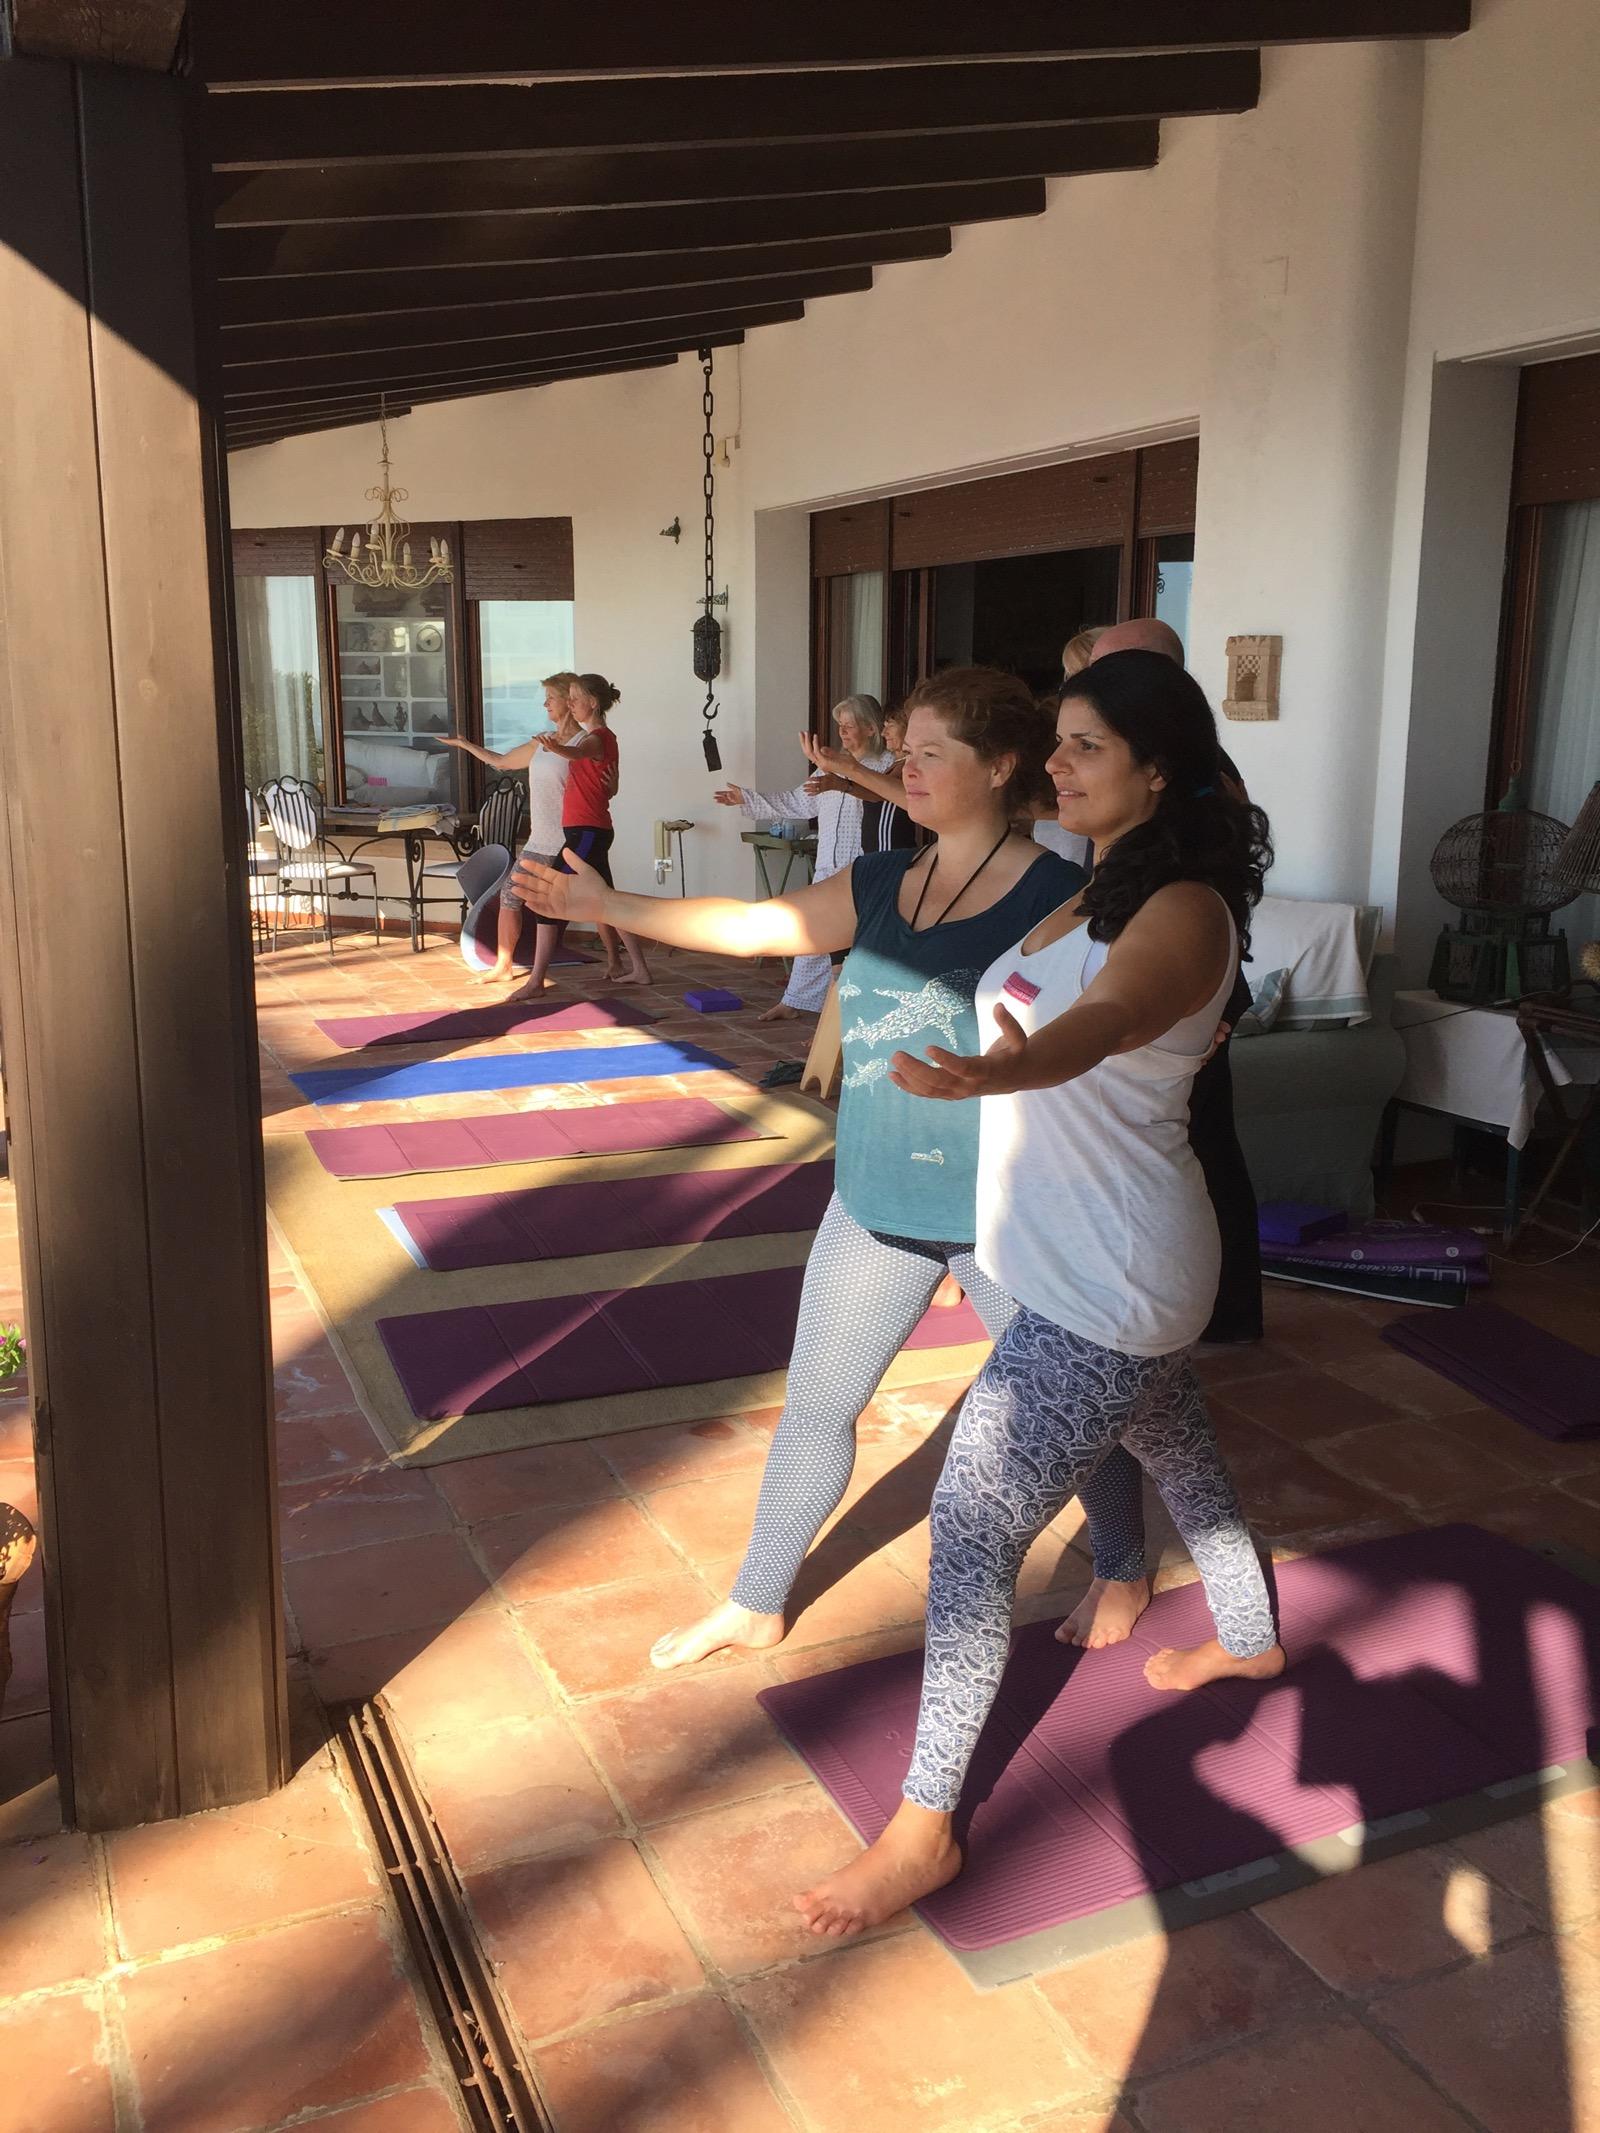 Partner yoga giving